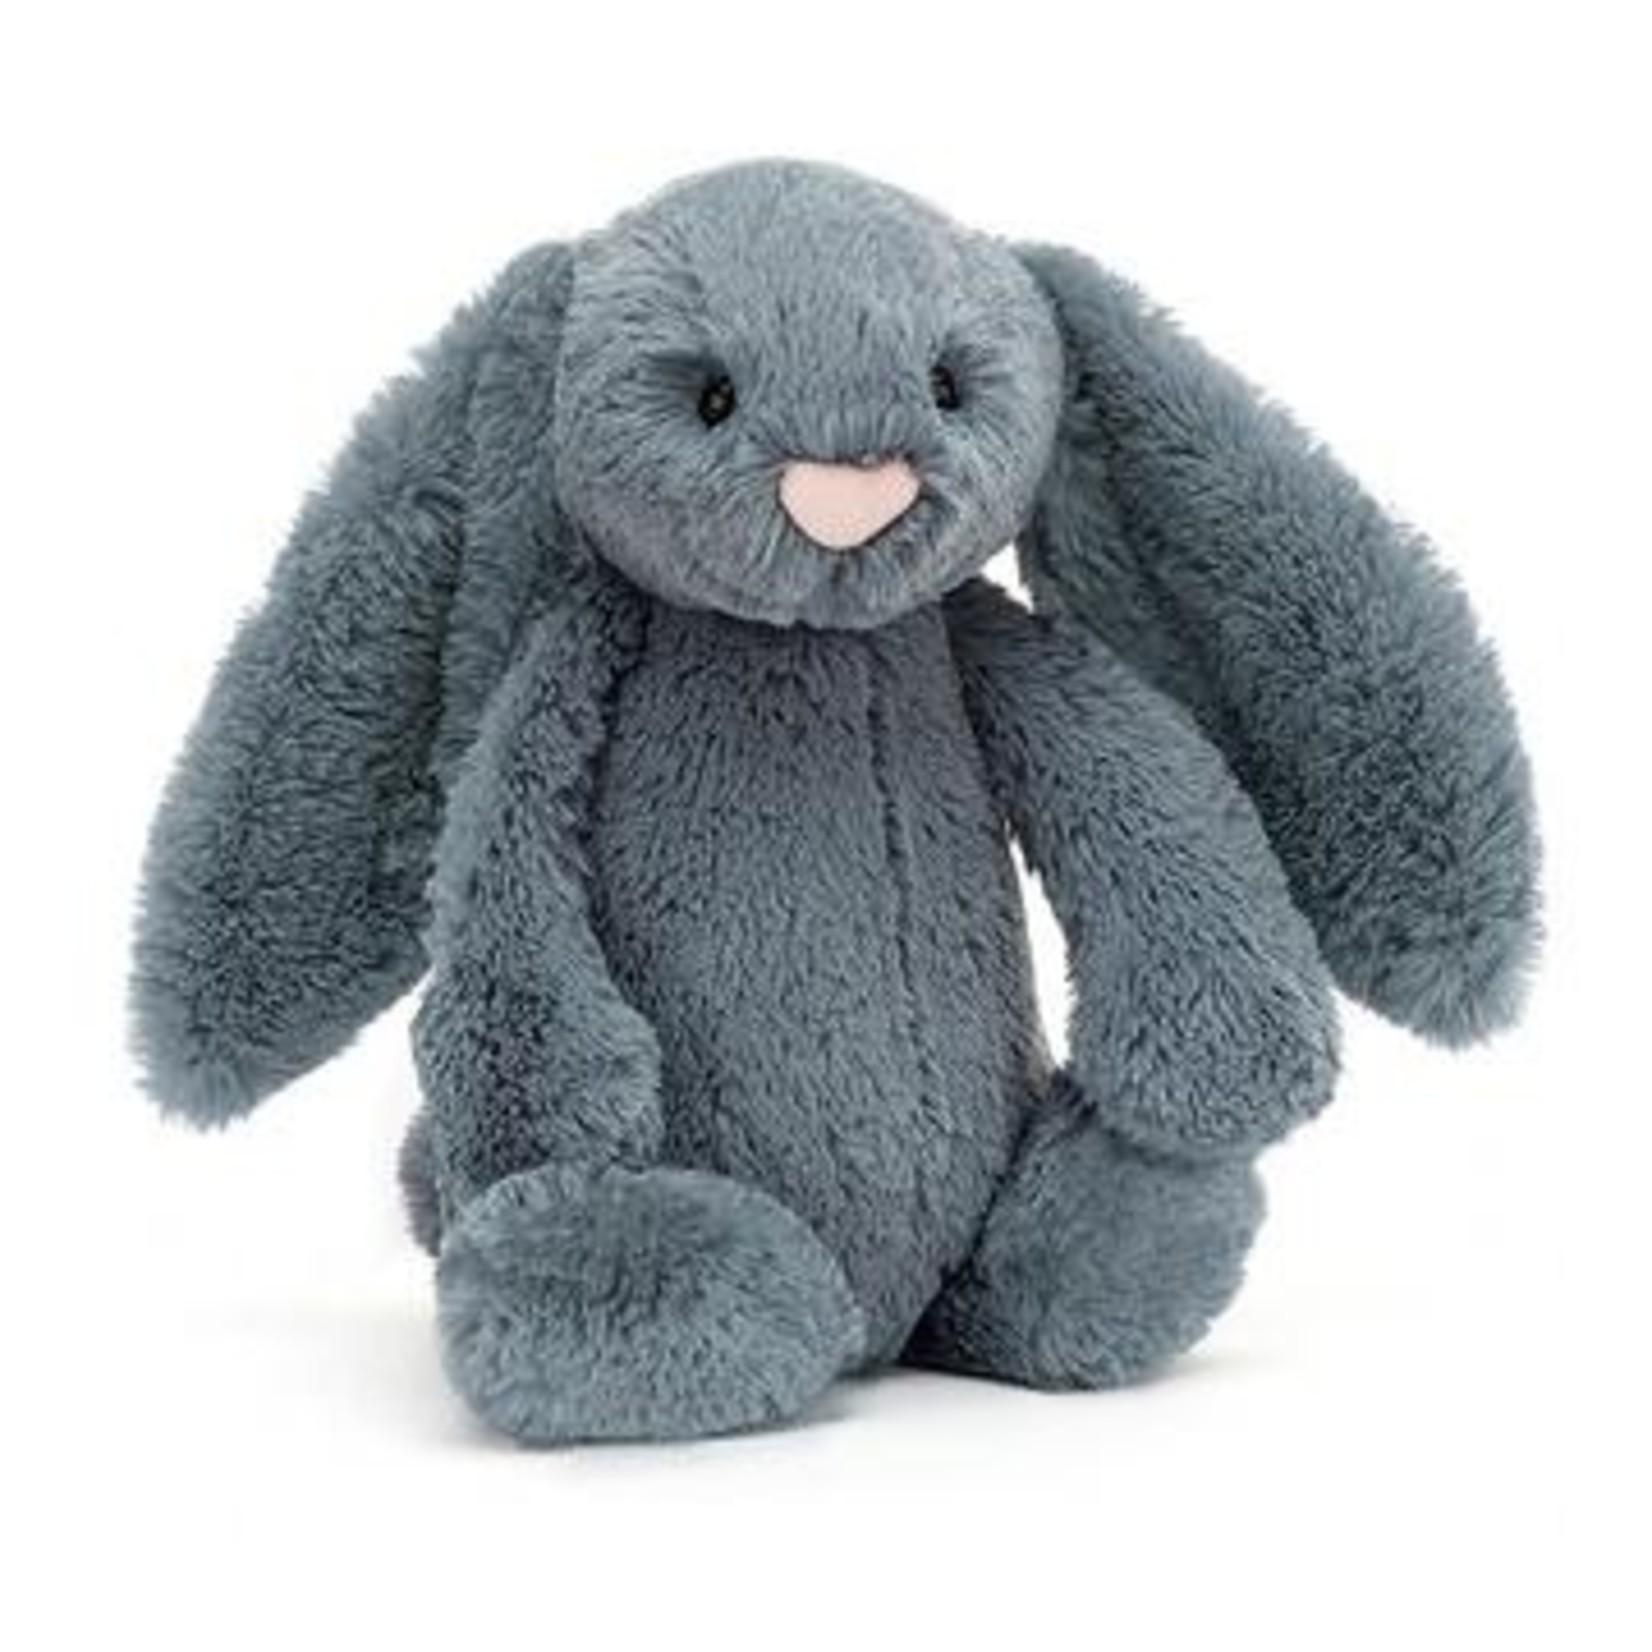 Jellycat Bashful Dusky Sky Bunny